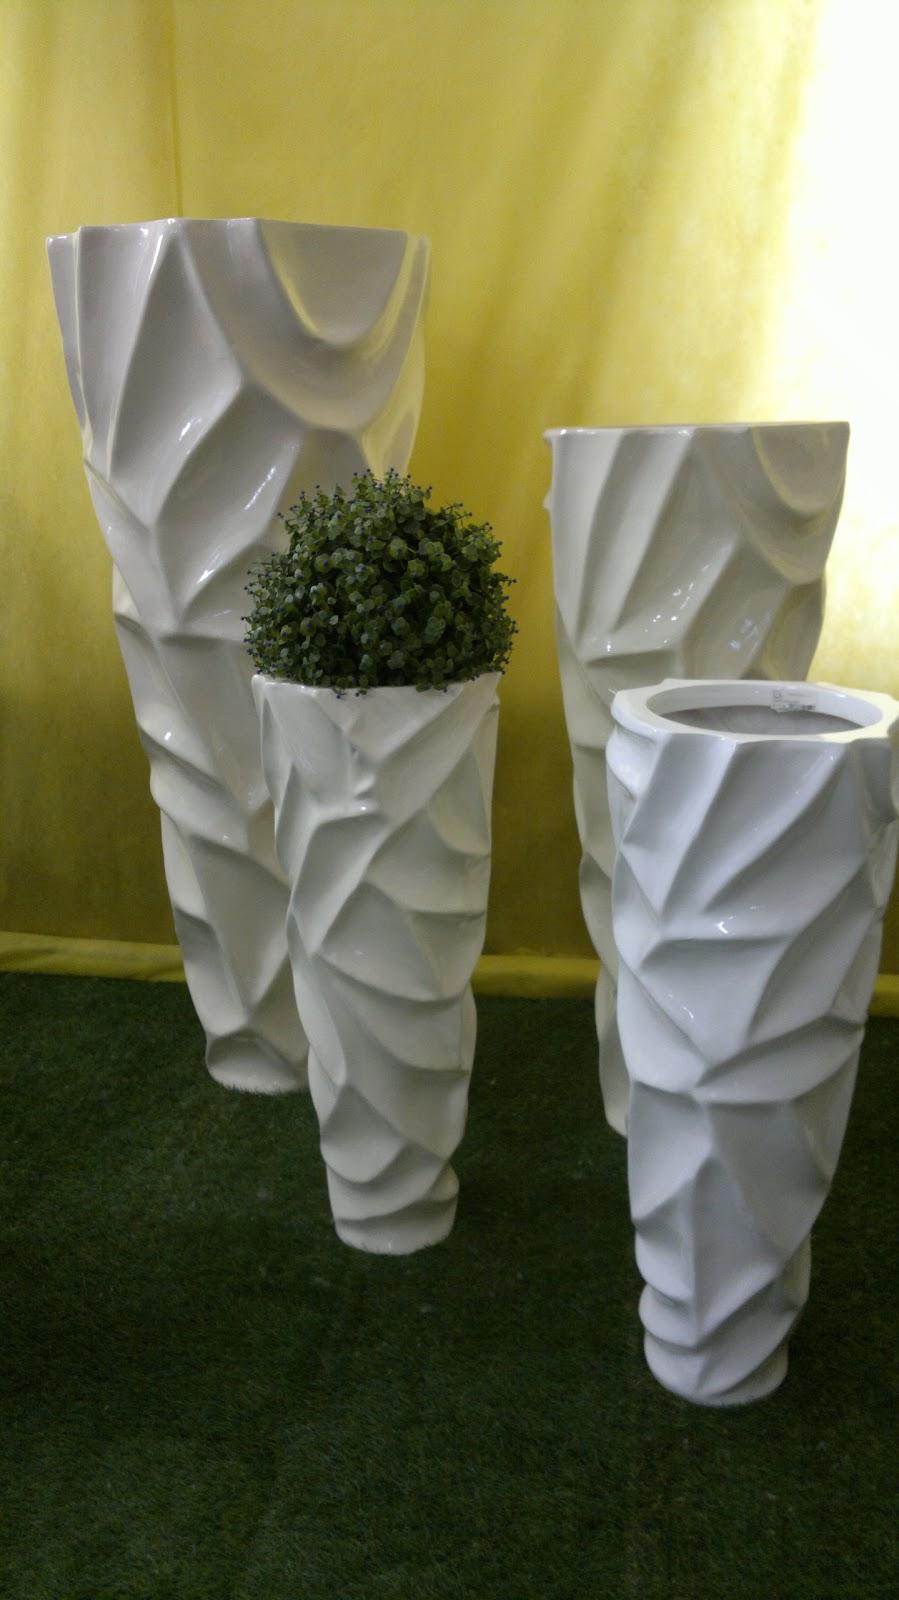 Archi tetti vasi da giardino for Grandi vasi da giardino